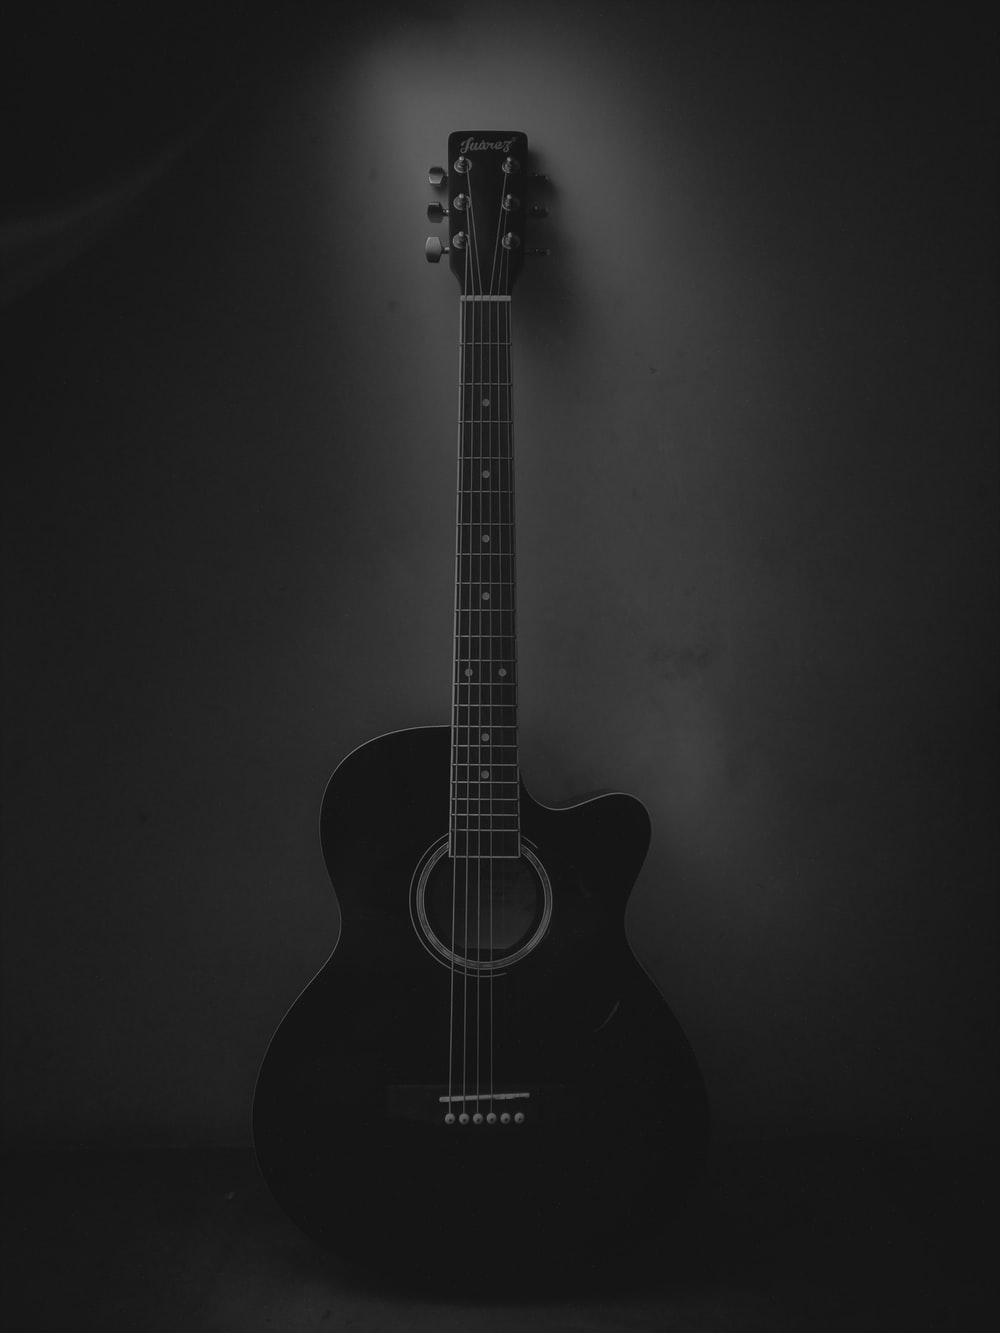 black acoustic guitar on black background